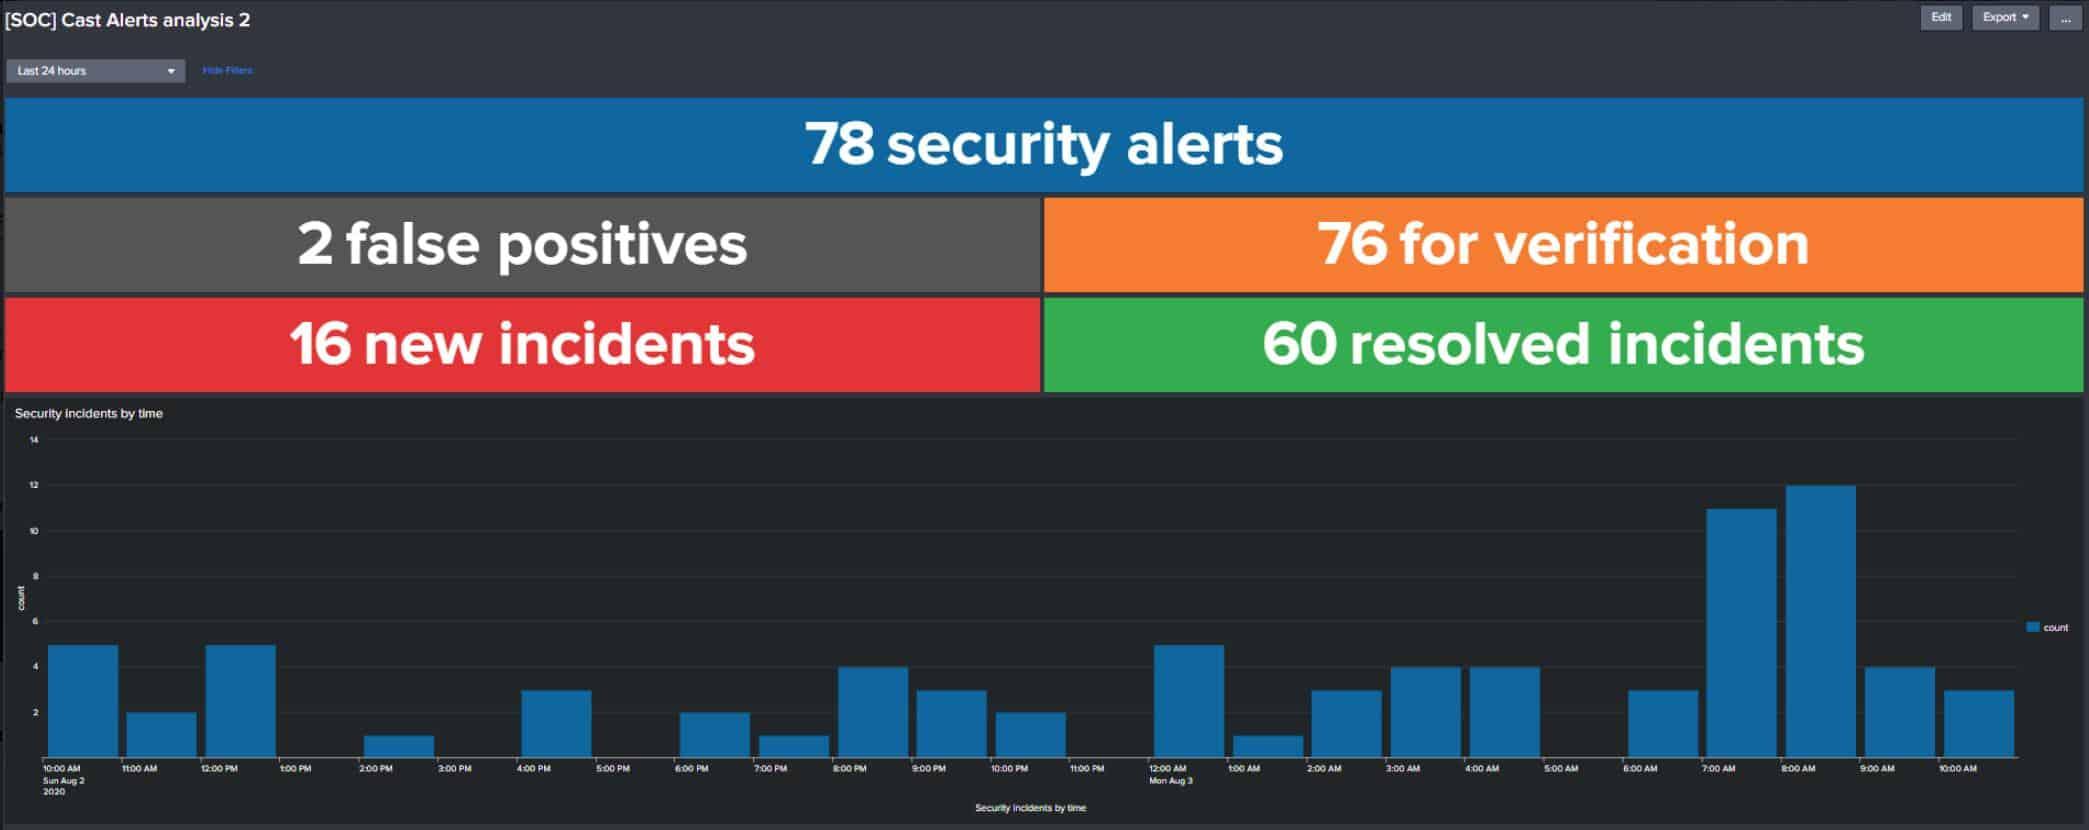 UnderDefense SIEM - Alerts Analysis view